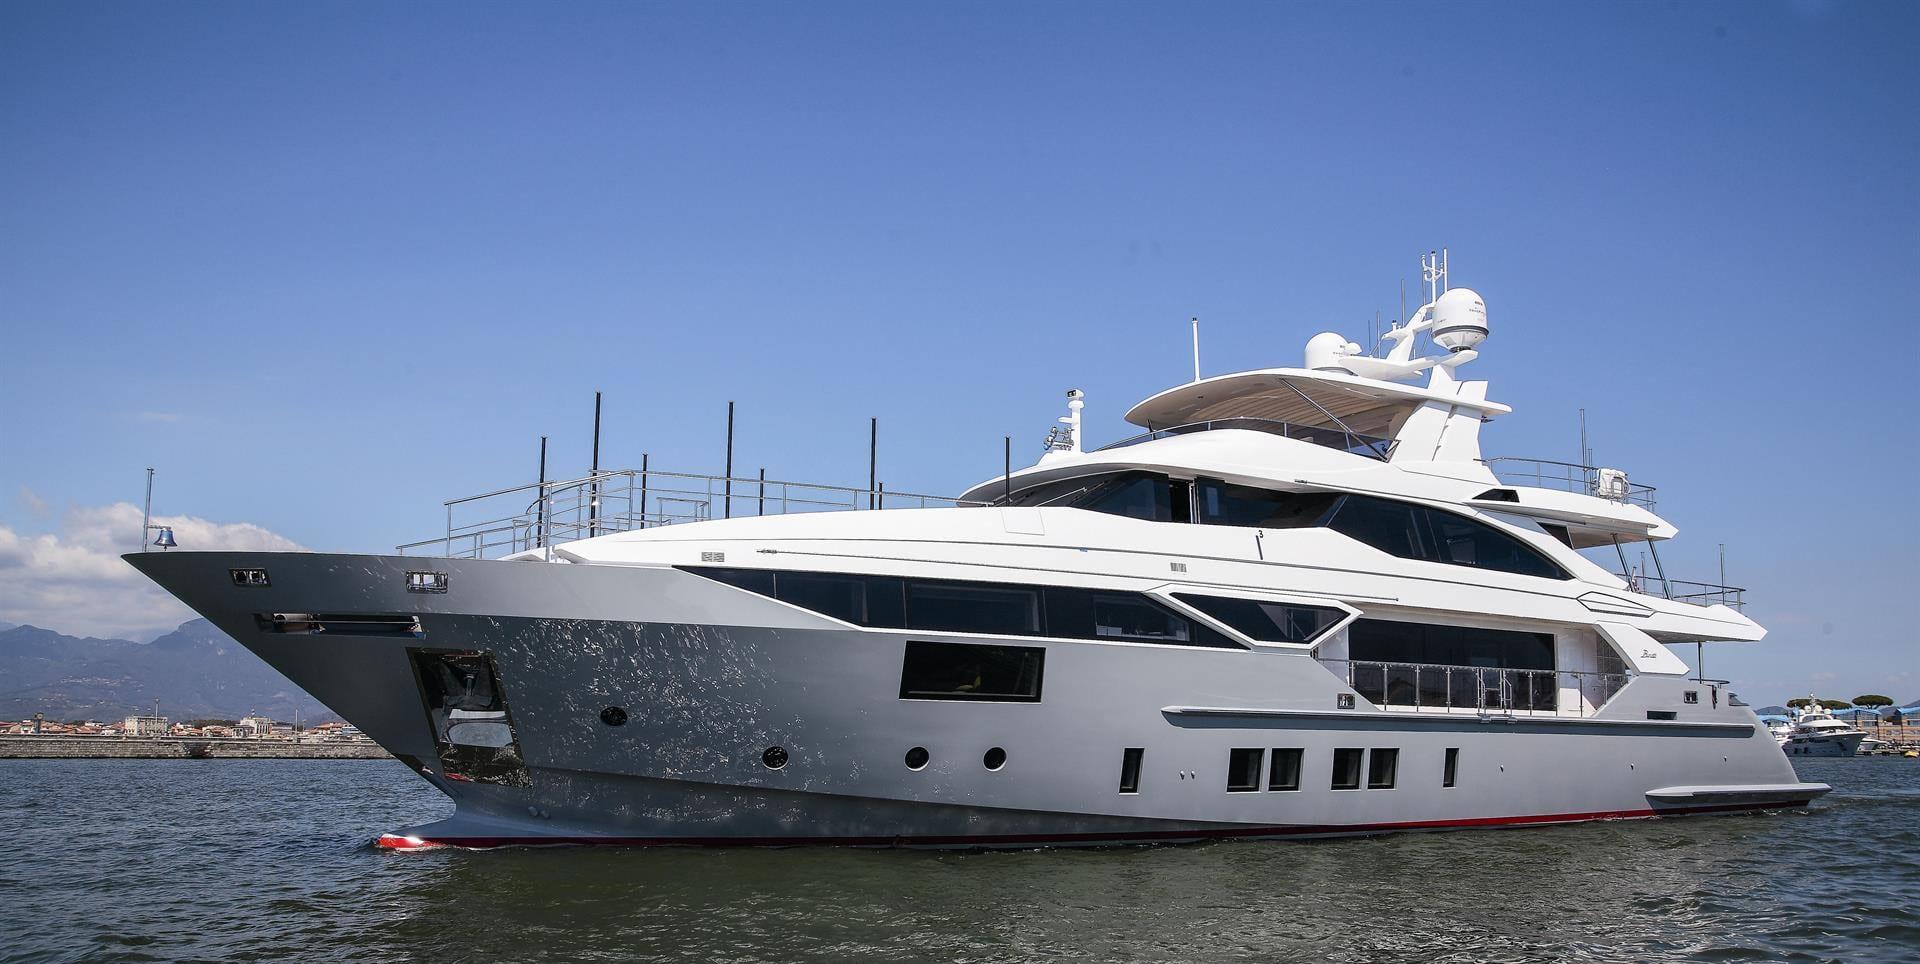 Чартерная супер яхта Бенетти IRON MAN 40 метров